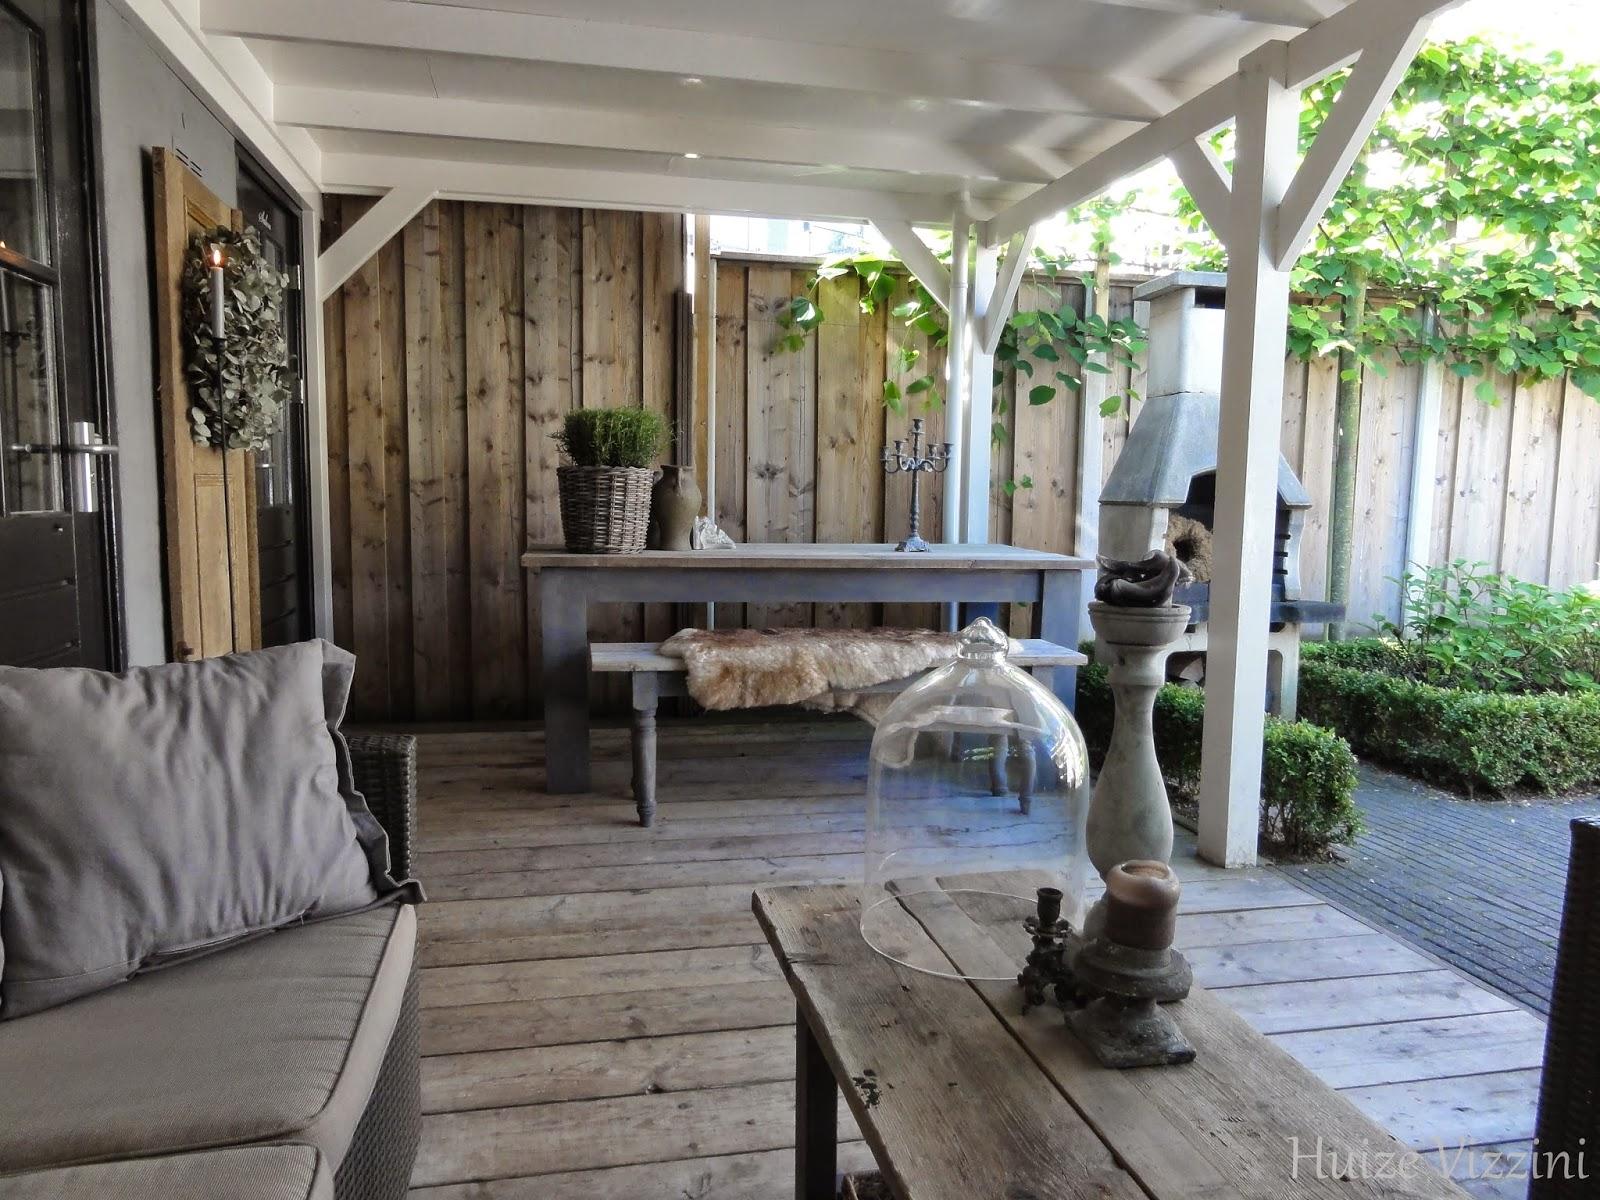 Outdoorküche Bausatz Preis : überdachung für outdoor küche gartensauna aussensauna bausatz